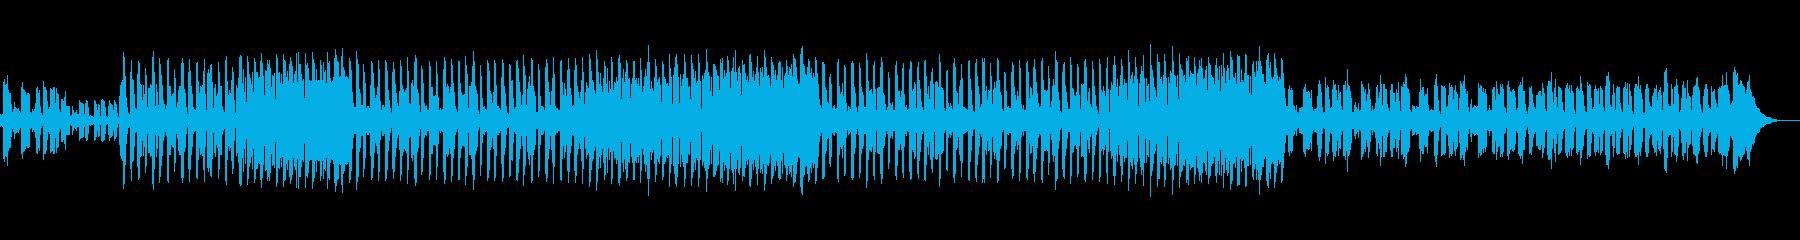 明るいトランス/ハウス音楽。さまざ...の再生済みの波形